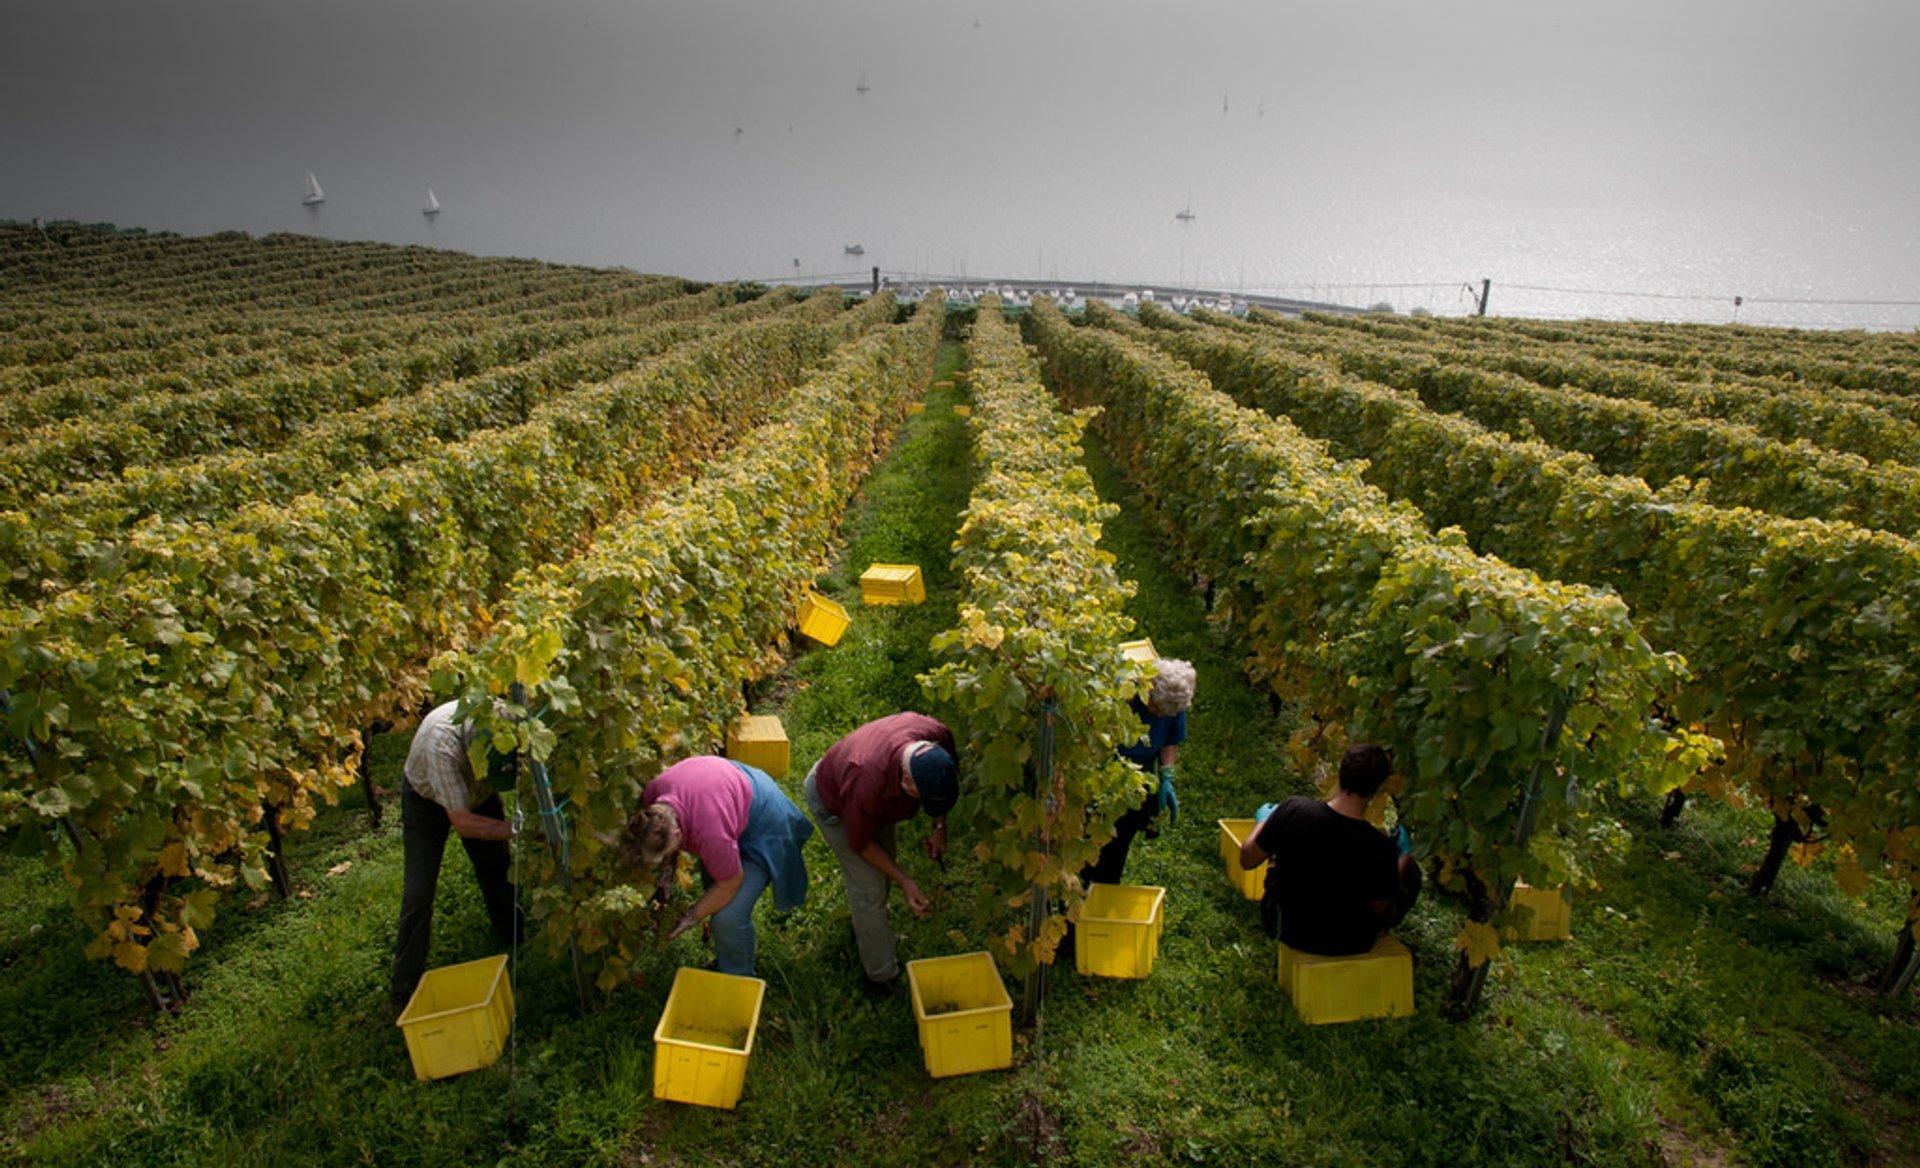 Harvest time 2020